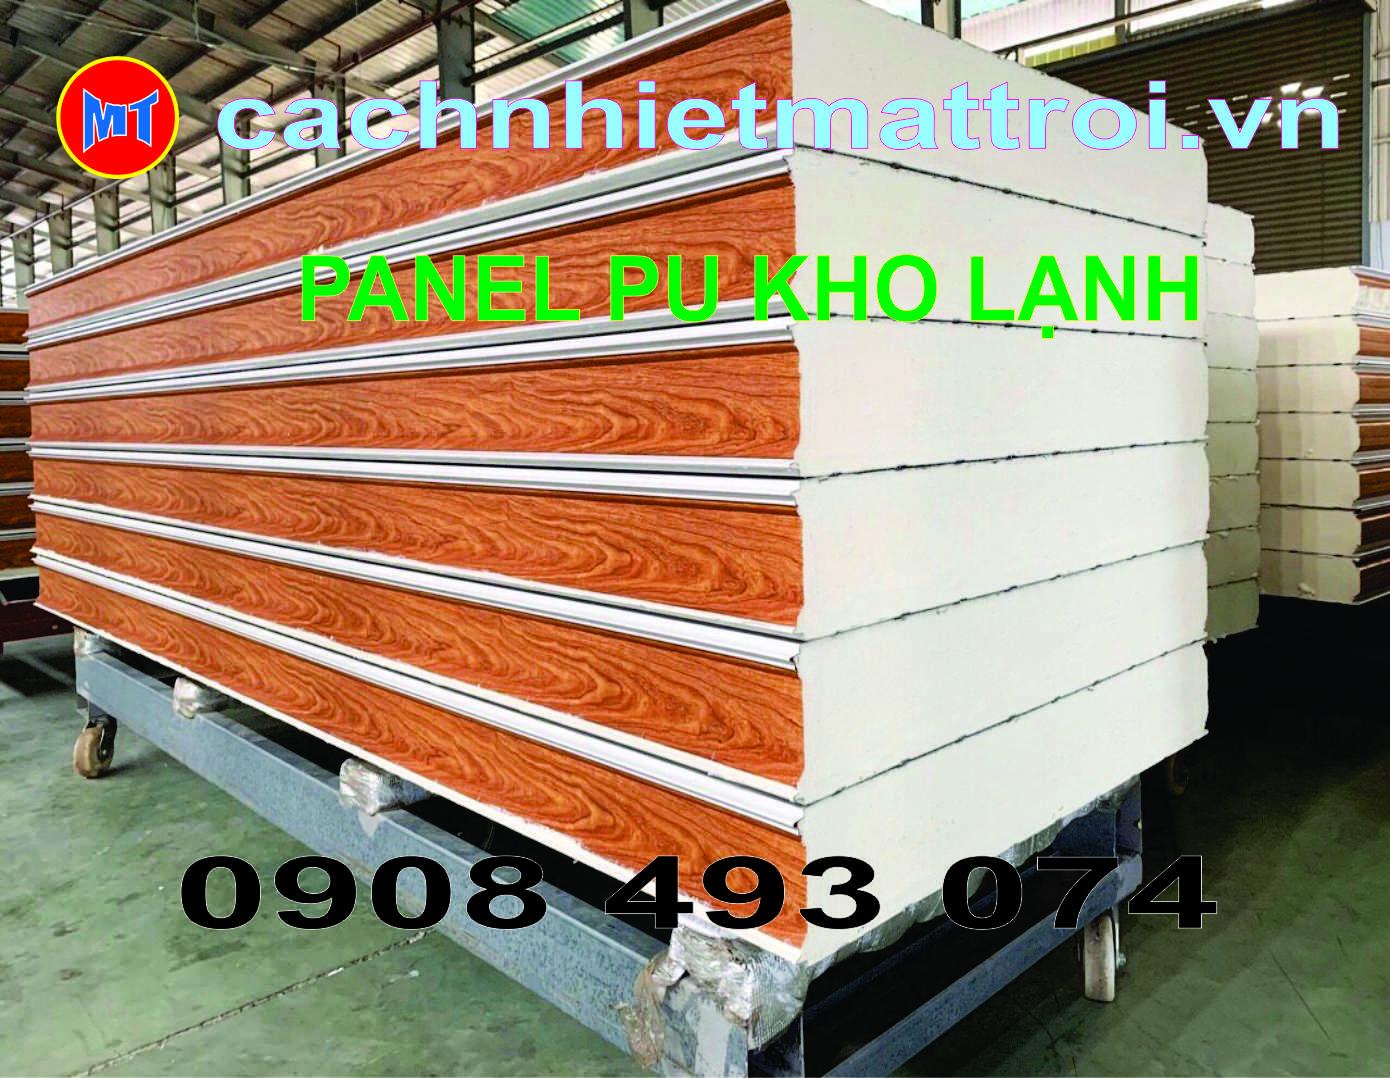 hình ảnh sản phẩm PANEL PU KHO LẠNH PHÒNG SẠCH